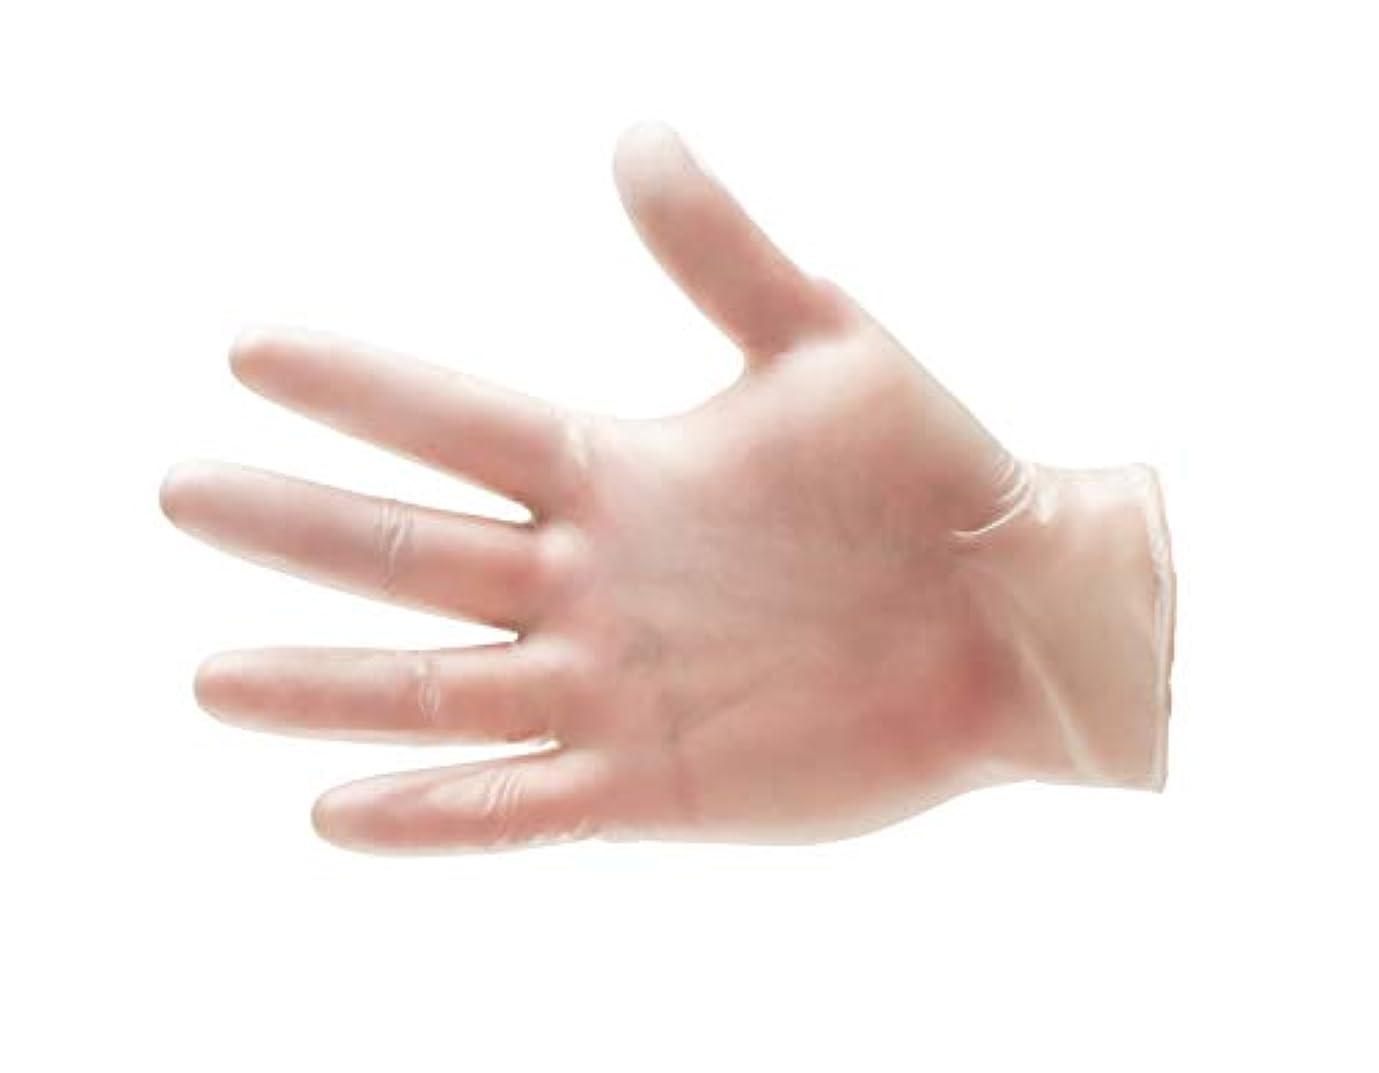 させる磁石指紋100 /ボックスビニール使い捨て手袋パウダーフリーnon-medical ‐ラージ4.5 Mil Thick